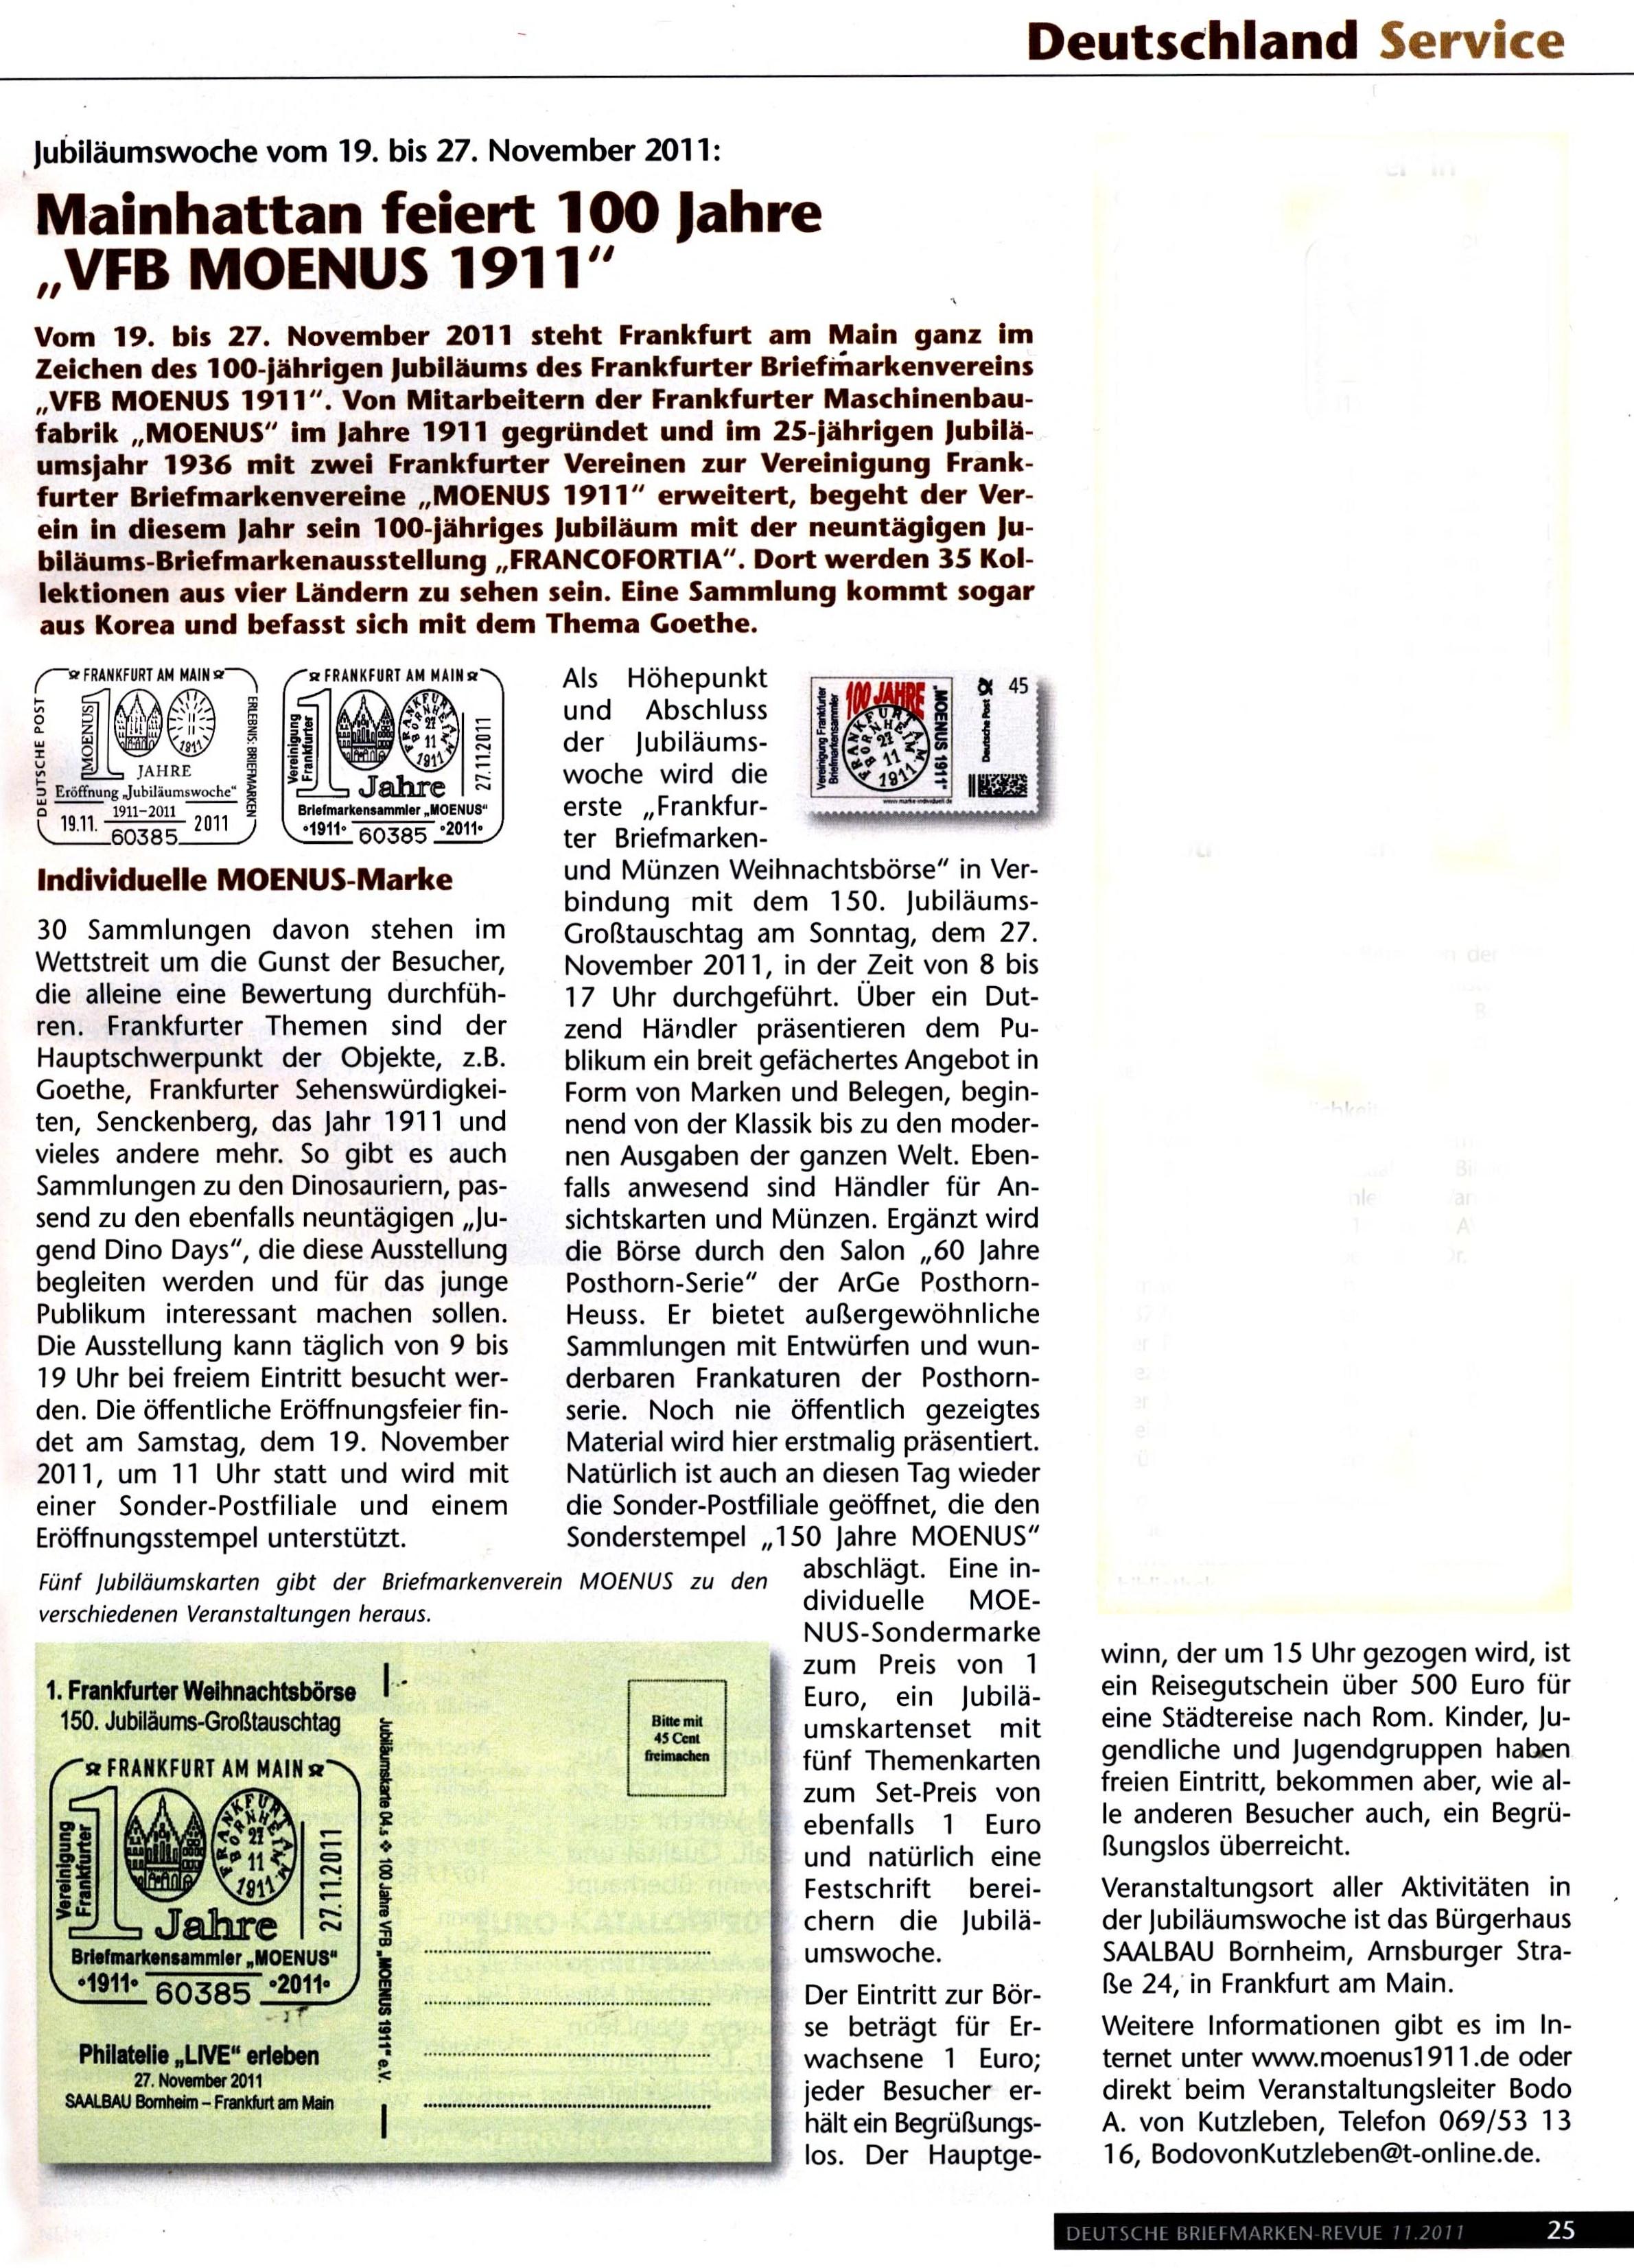 100 Jahr Feier Presse